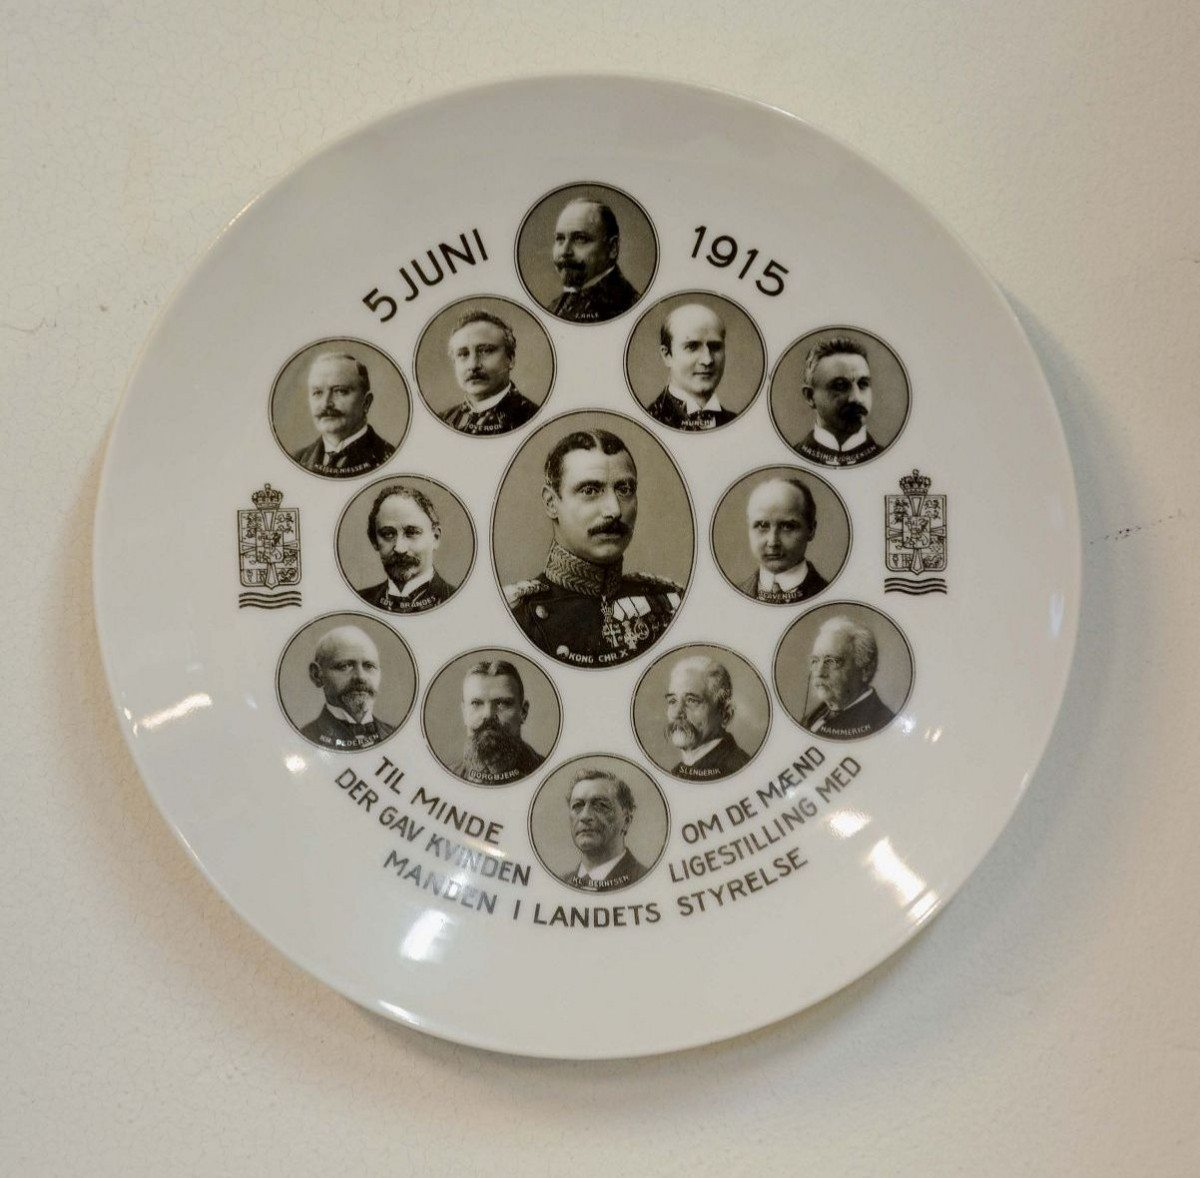 Platte fremstillet af hvidt porcelæn. Platten bærer indskriften: 5 JUNI 1915 TIL MINDE OM DE MÆND DER GAV KVINDEN LIGESTILLING MED MANDEN I LANDETS STYRELSE